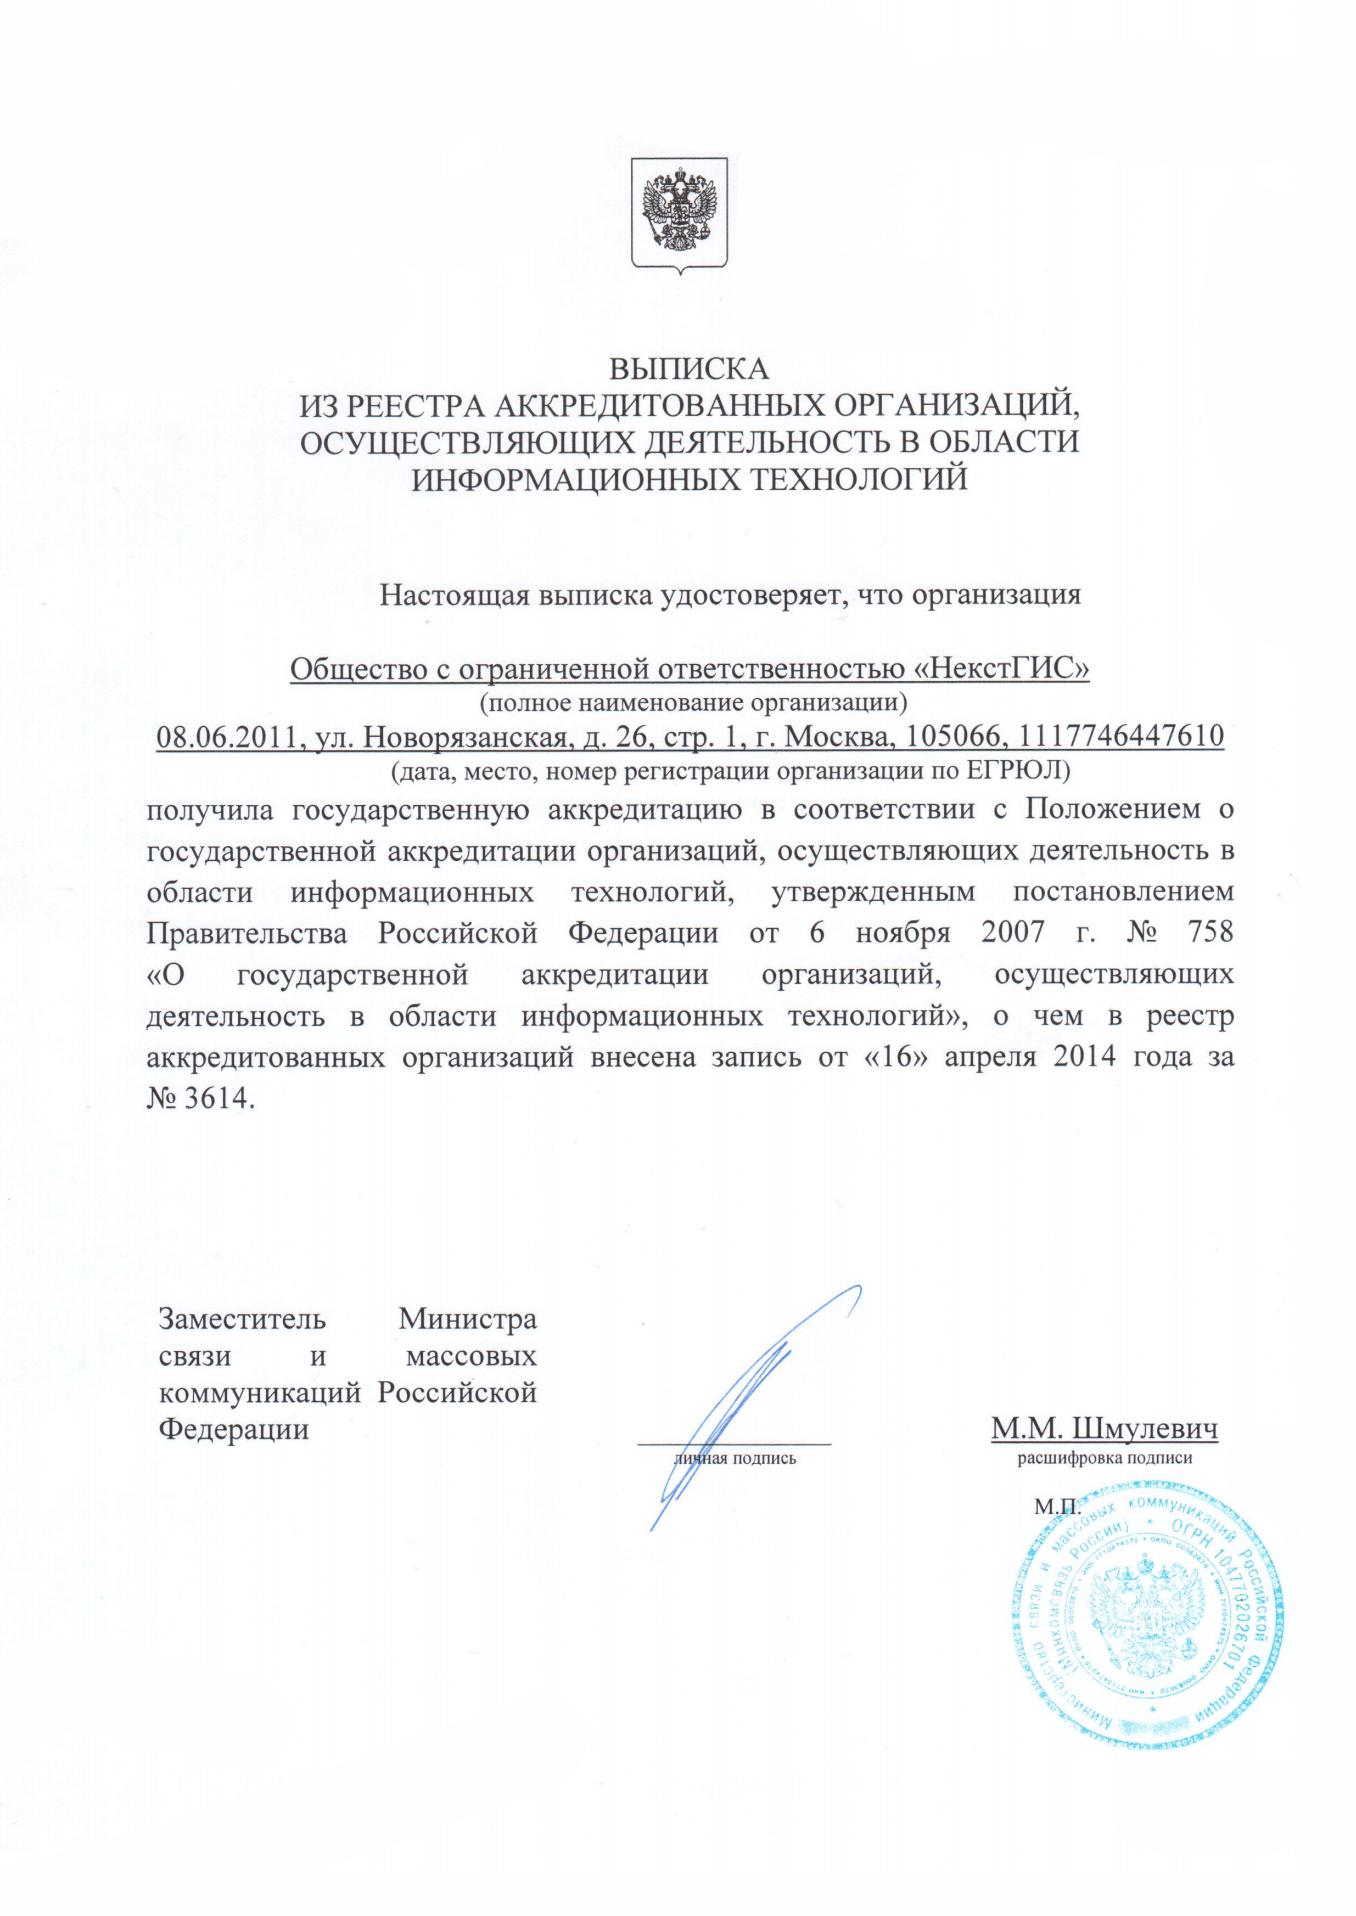 Пример выписки из реестра Минкомсвязи. Источник — Nextgis.ru